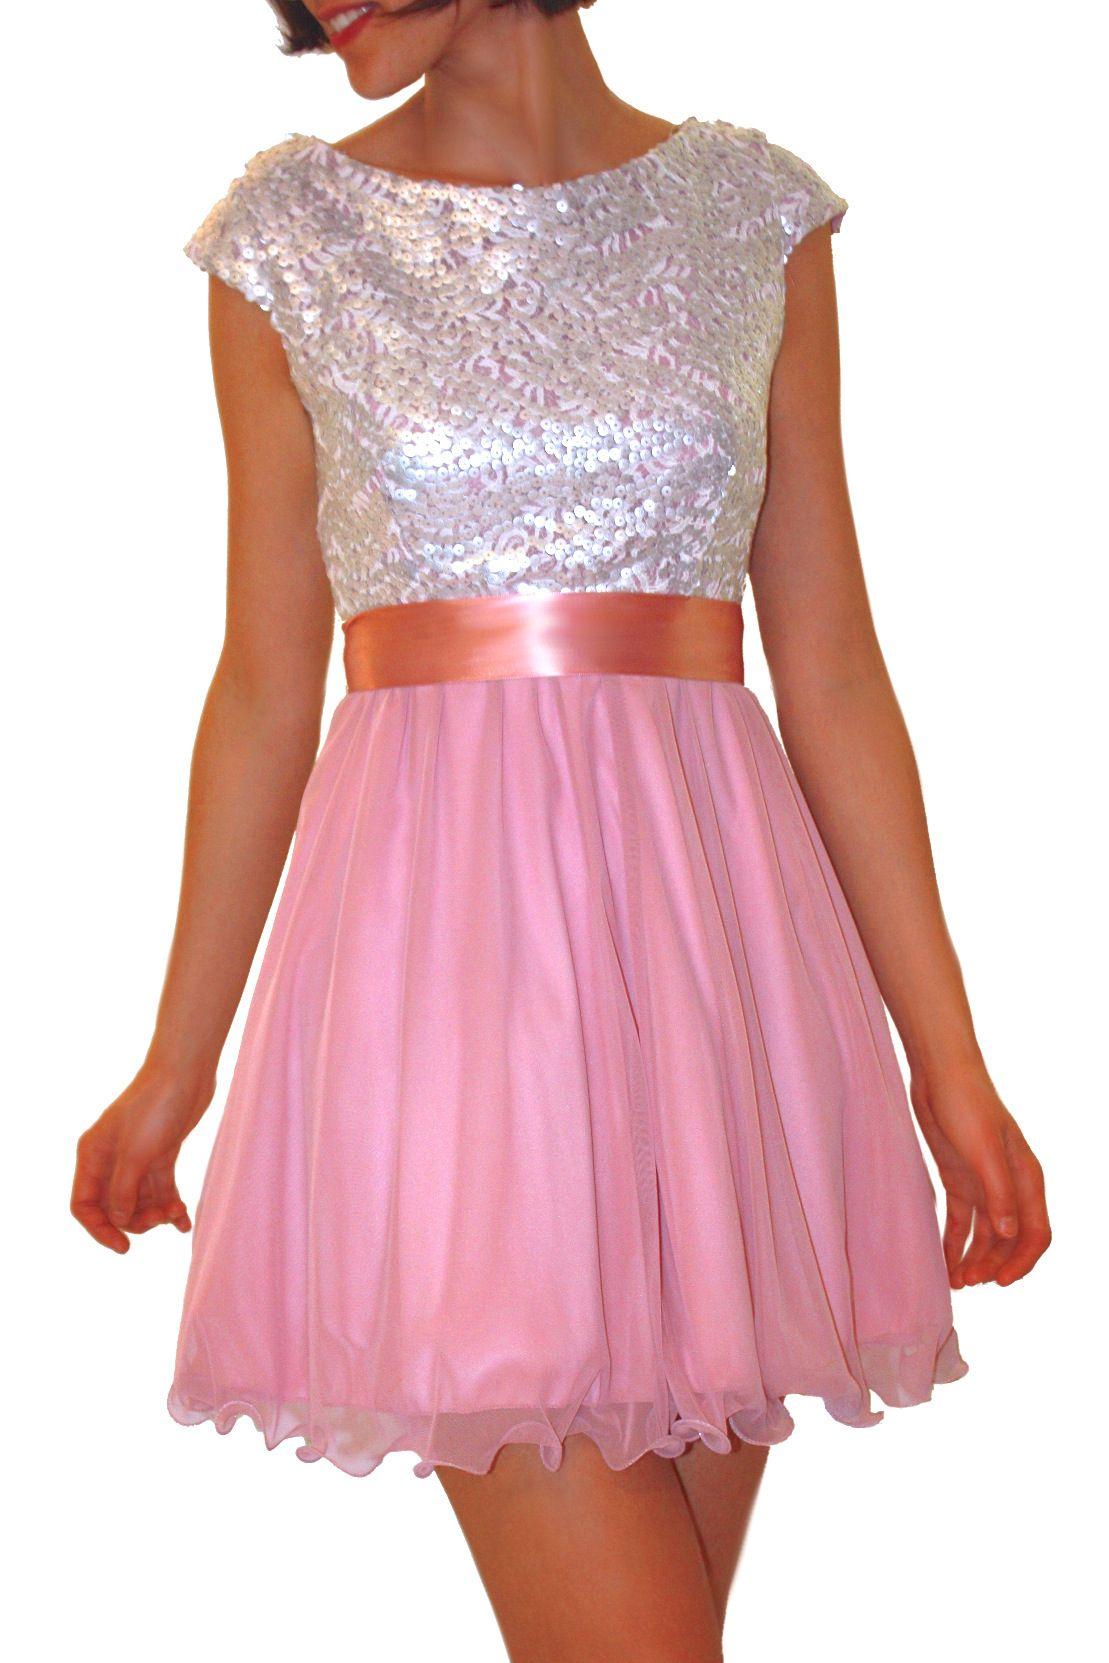 Vestido Corto de Fiesta 95.50€ en www.carmenenlasarenas.com | Ideas ...